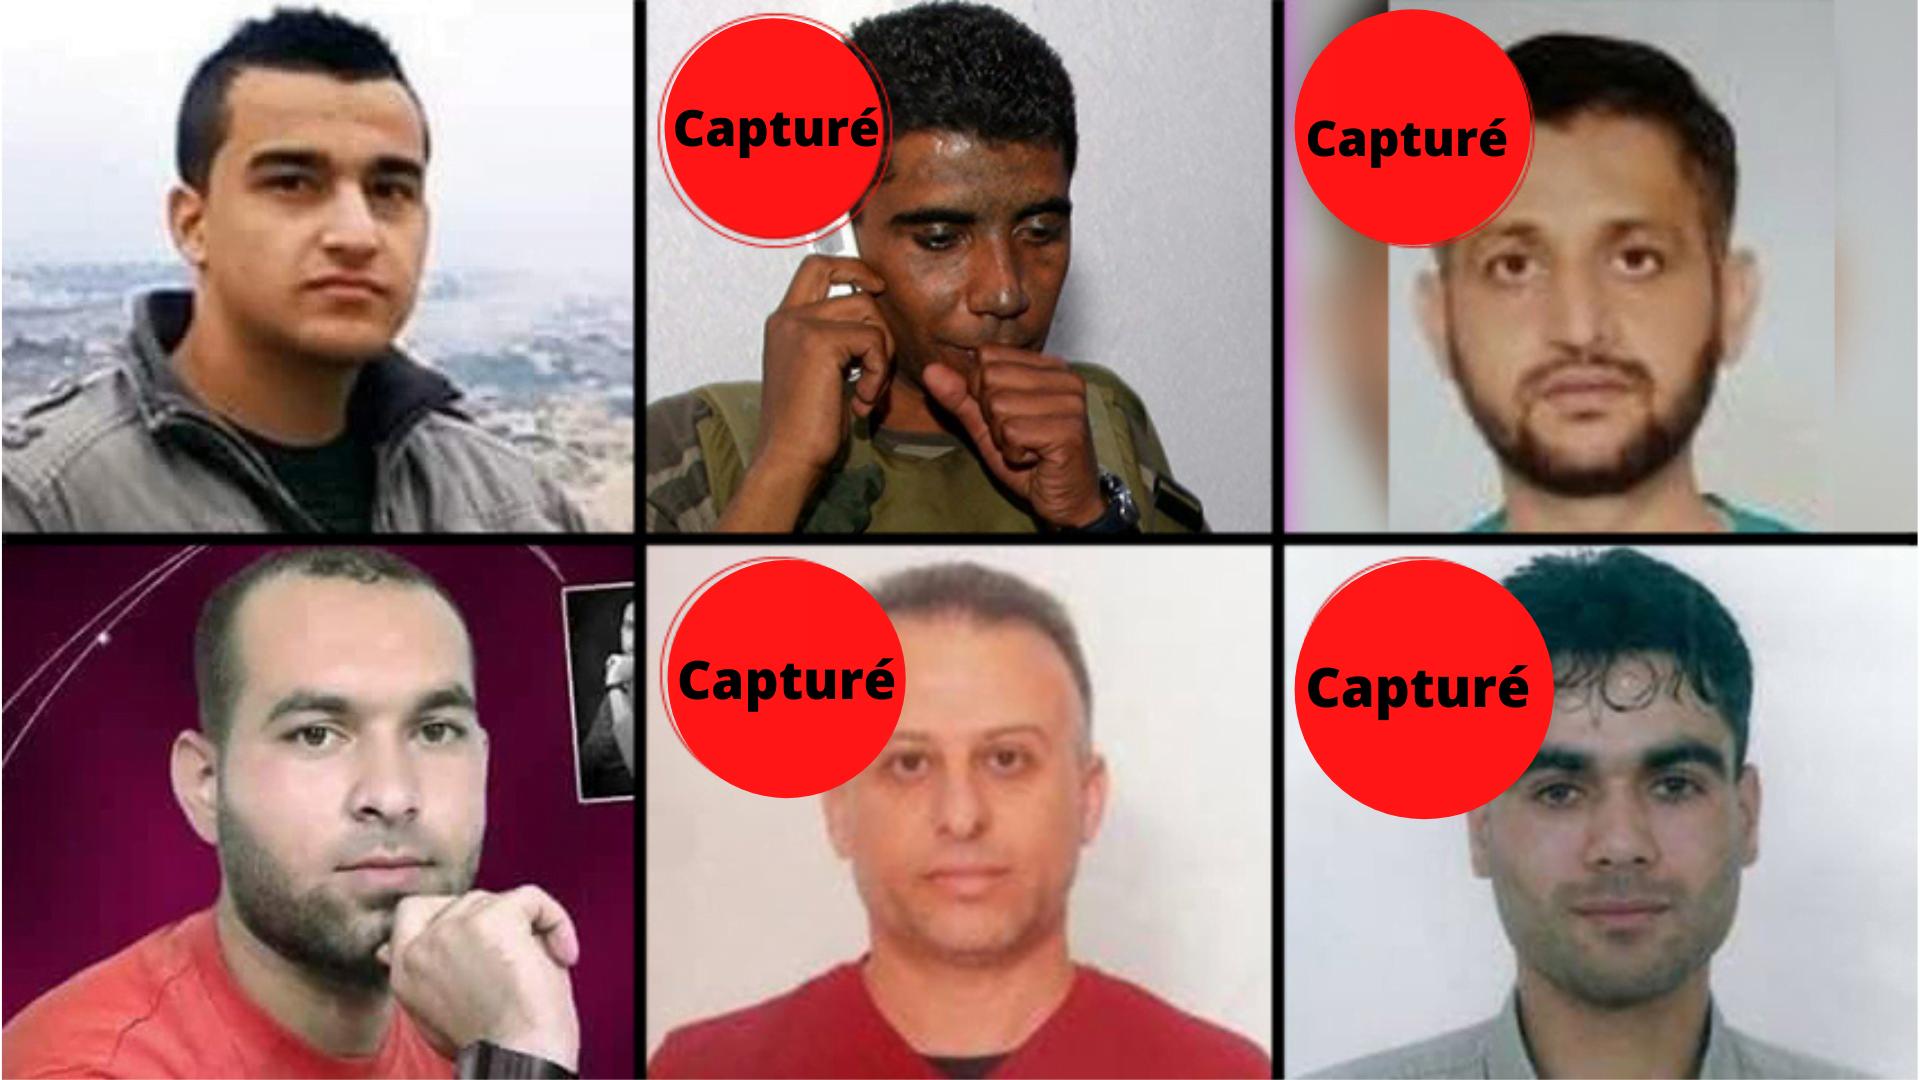 Menottes aux mains et aux pieds, au tribunal : la détention des terroristes capturés a été prolongée de 9 jours.